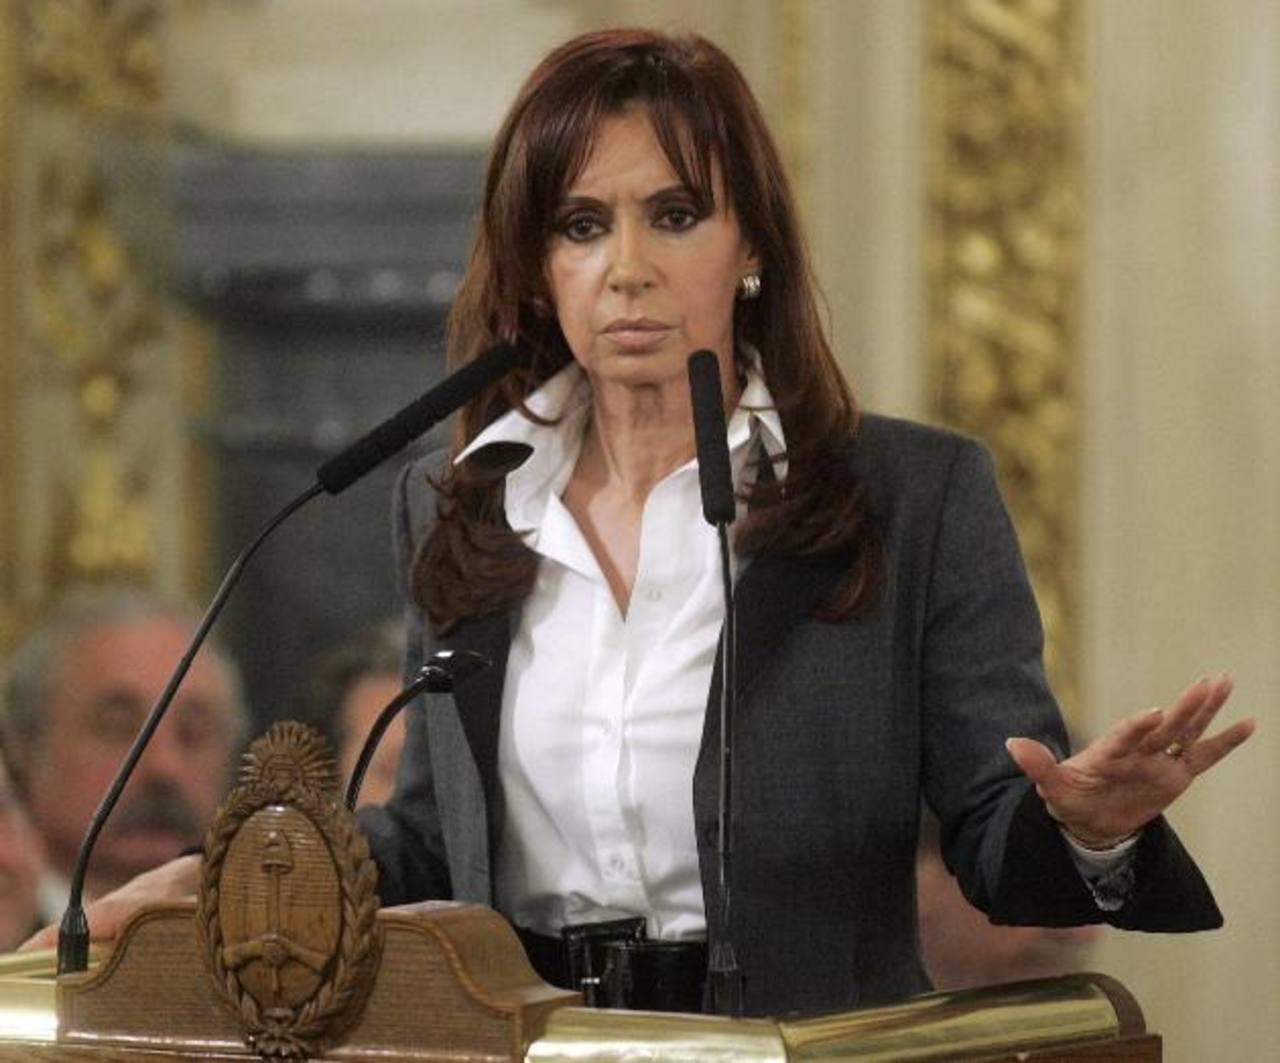 La presidenta de Argentina, Cristina Fernández, instó este lunes a la Justicia a agilizar la ley de Medios. foto edh /archivo